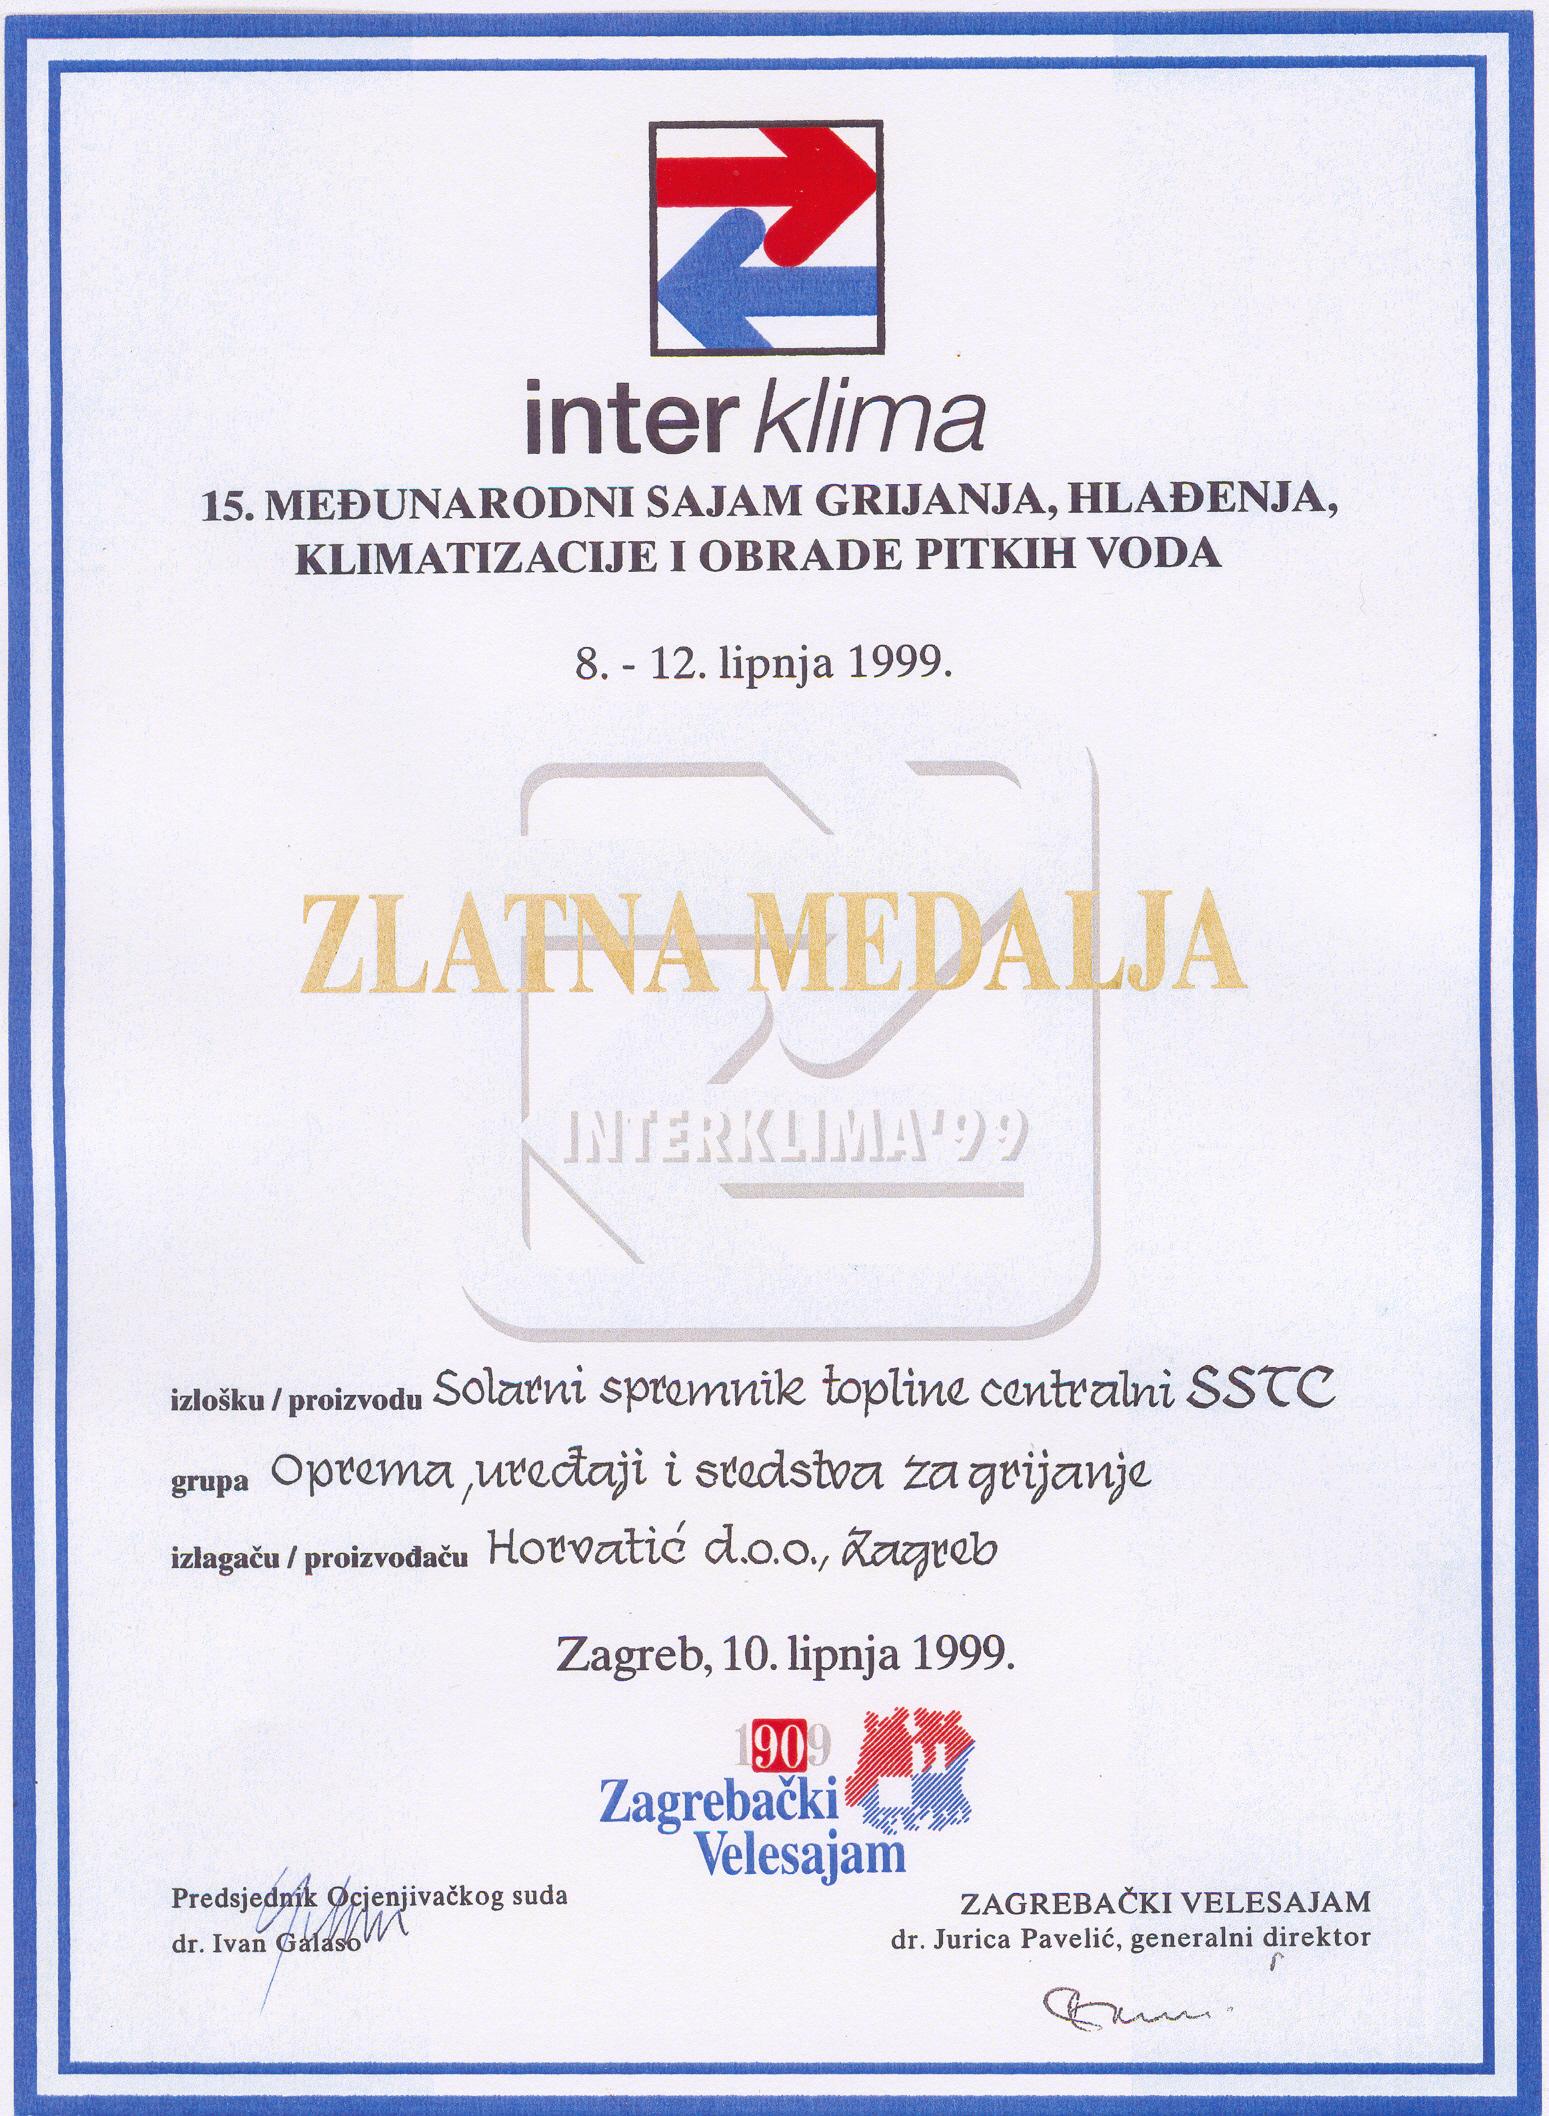 Zlatna medalja na sajmu Interklima 1999. godine.